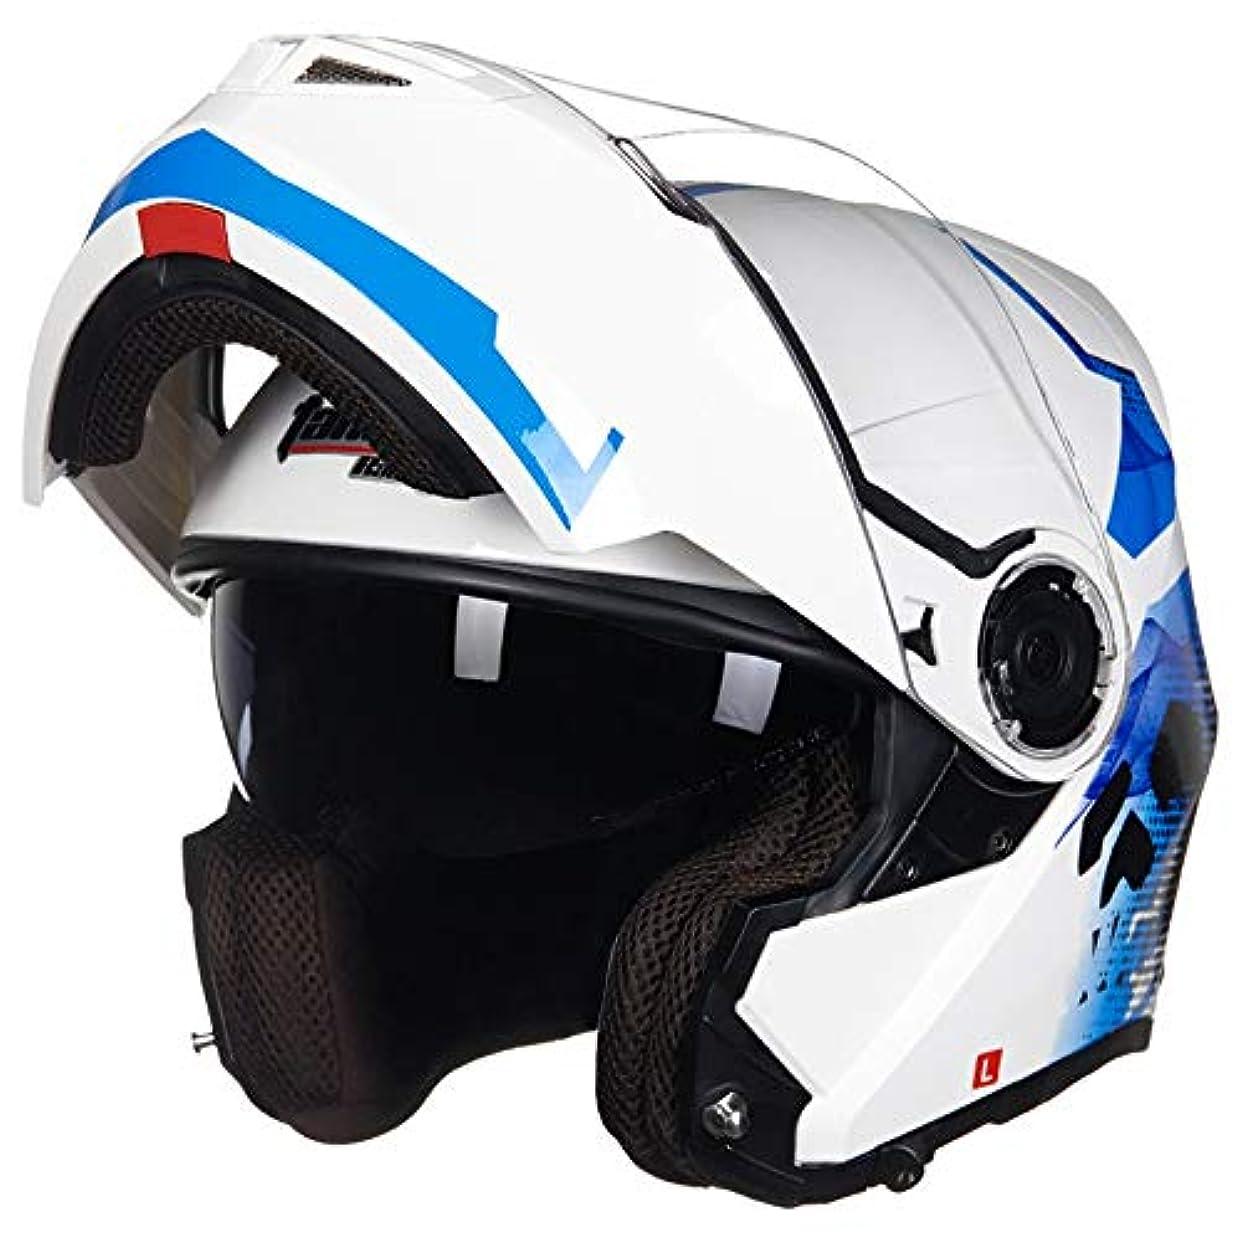 画家フィットネス見積りHYH ホワイトオートバイフルフェイスヘルメットメンズダブルレンズオープンフェイスヘルメットフルカバー機関車オフロードヘルメット四季ユニバーサルブルースカルパターン いい人生 (Size : L)